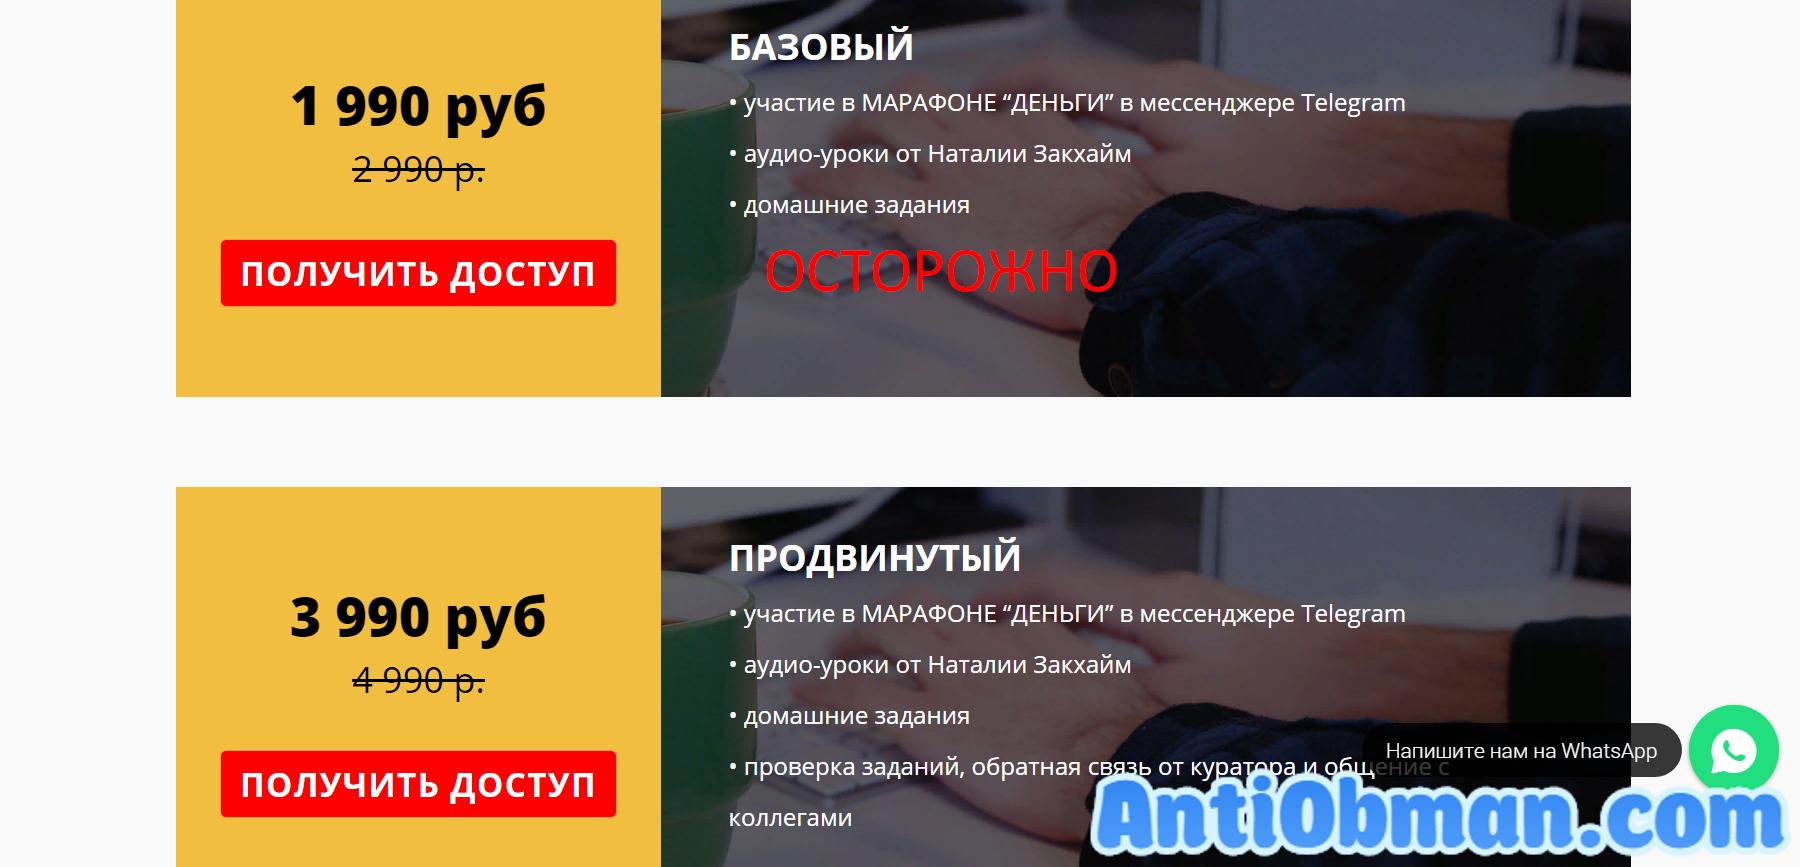 Наталия Закхайм развод